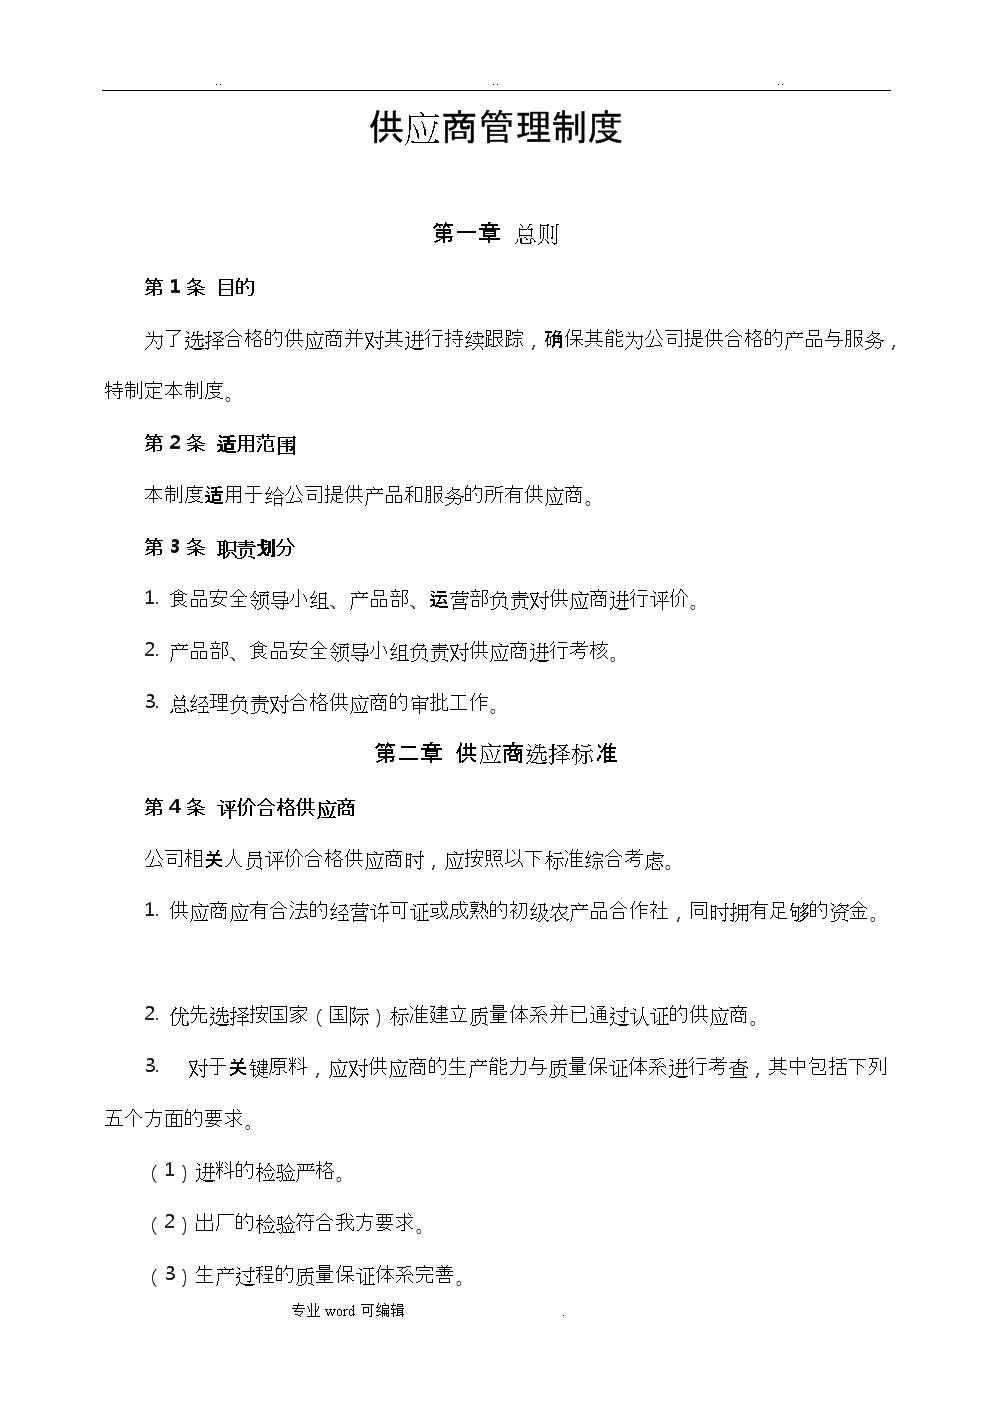 食品电商供应商管理制度汇编.doc